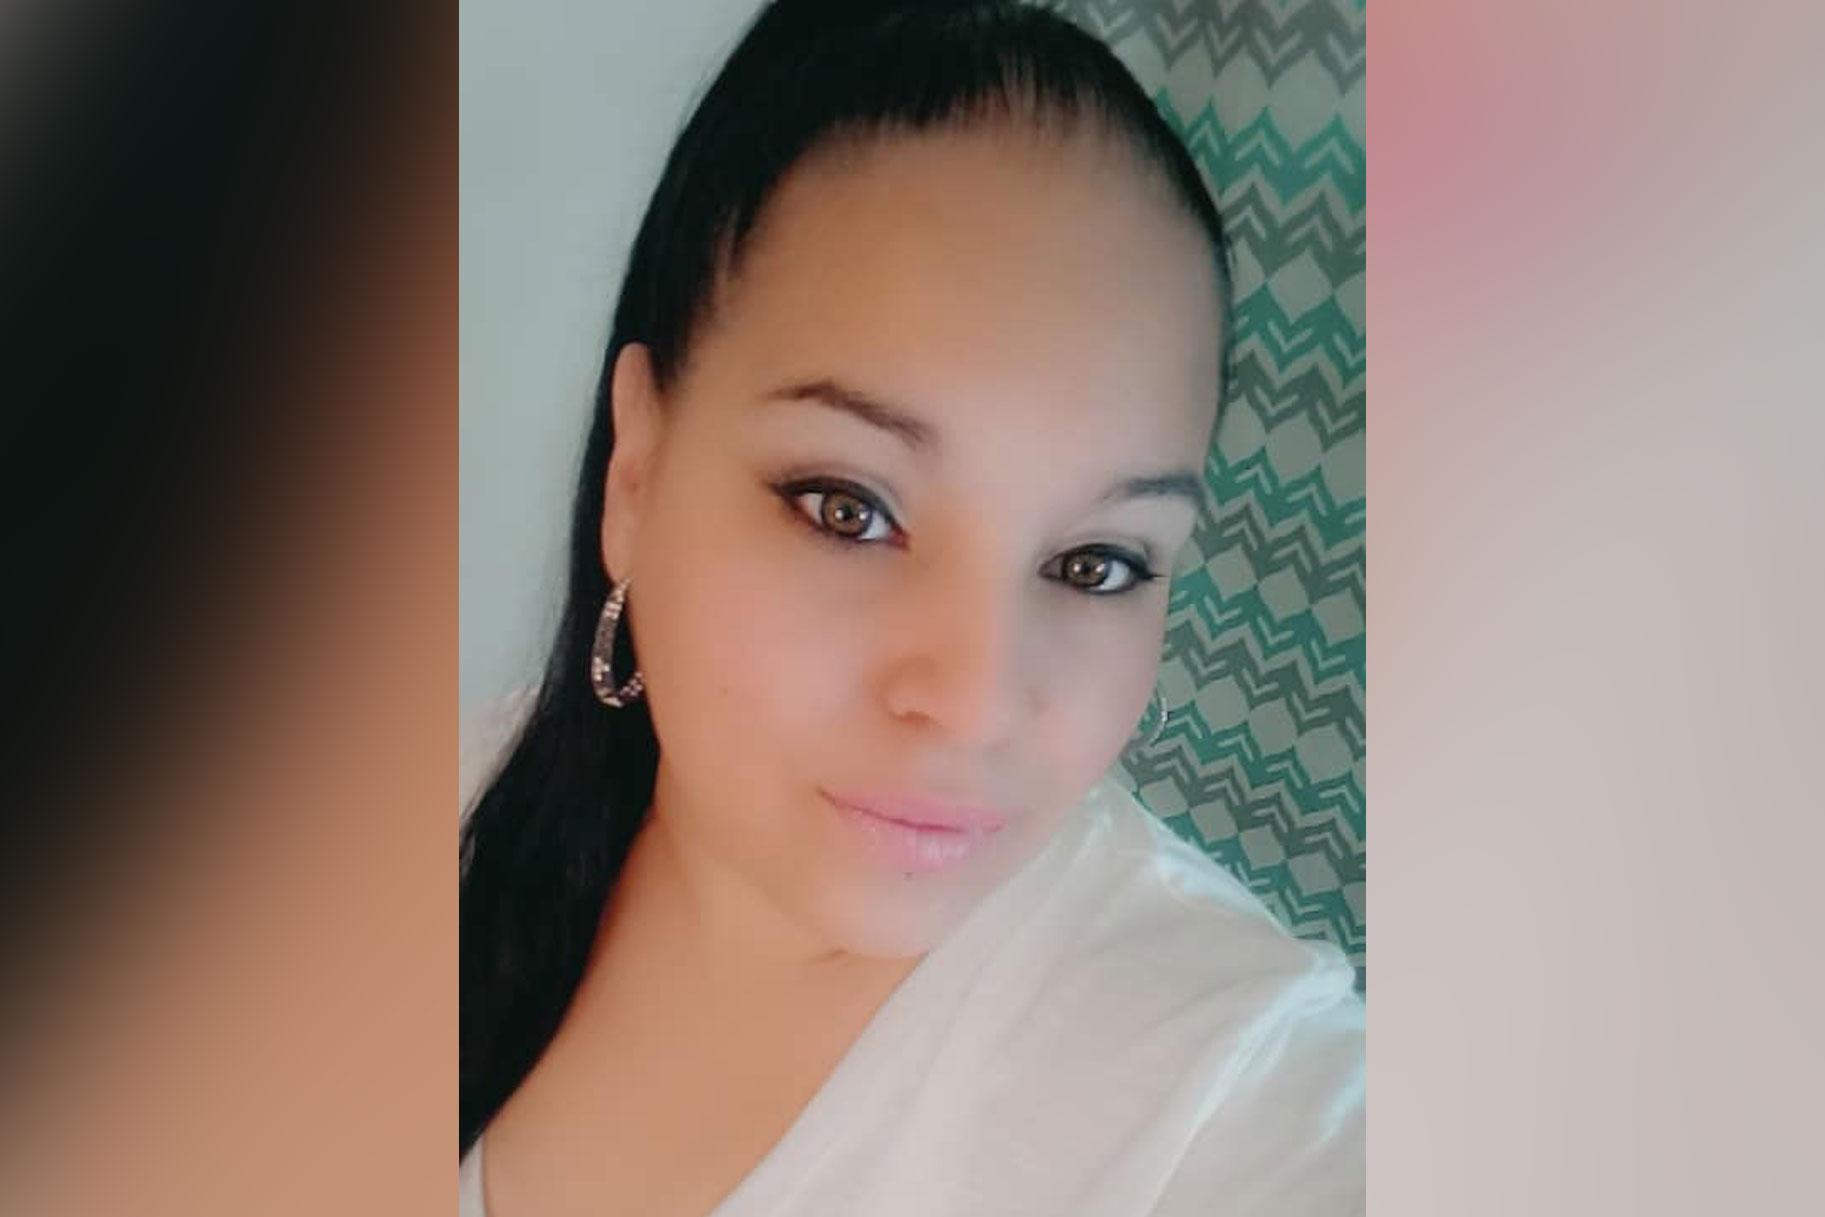 'Bila je u dobrom raspoloženju': Mama iz Wisconsina koja je nestala prije 3 tjedna pronađena mrtva na Valentinovo